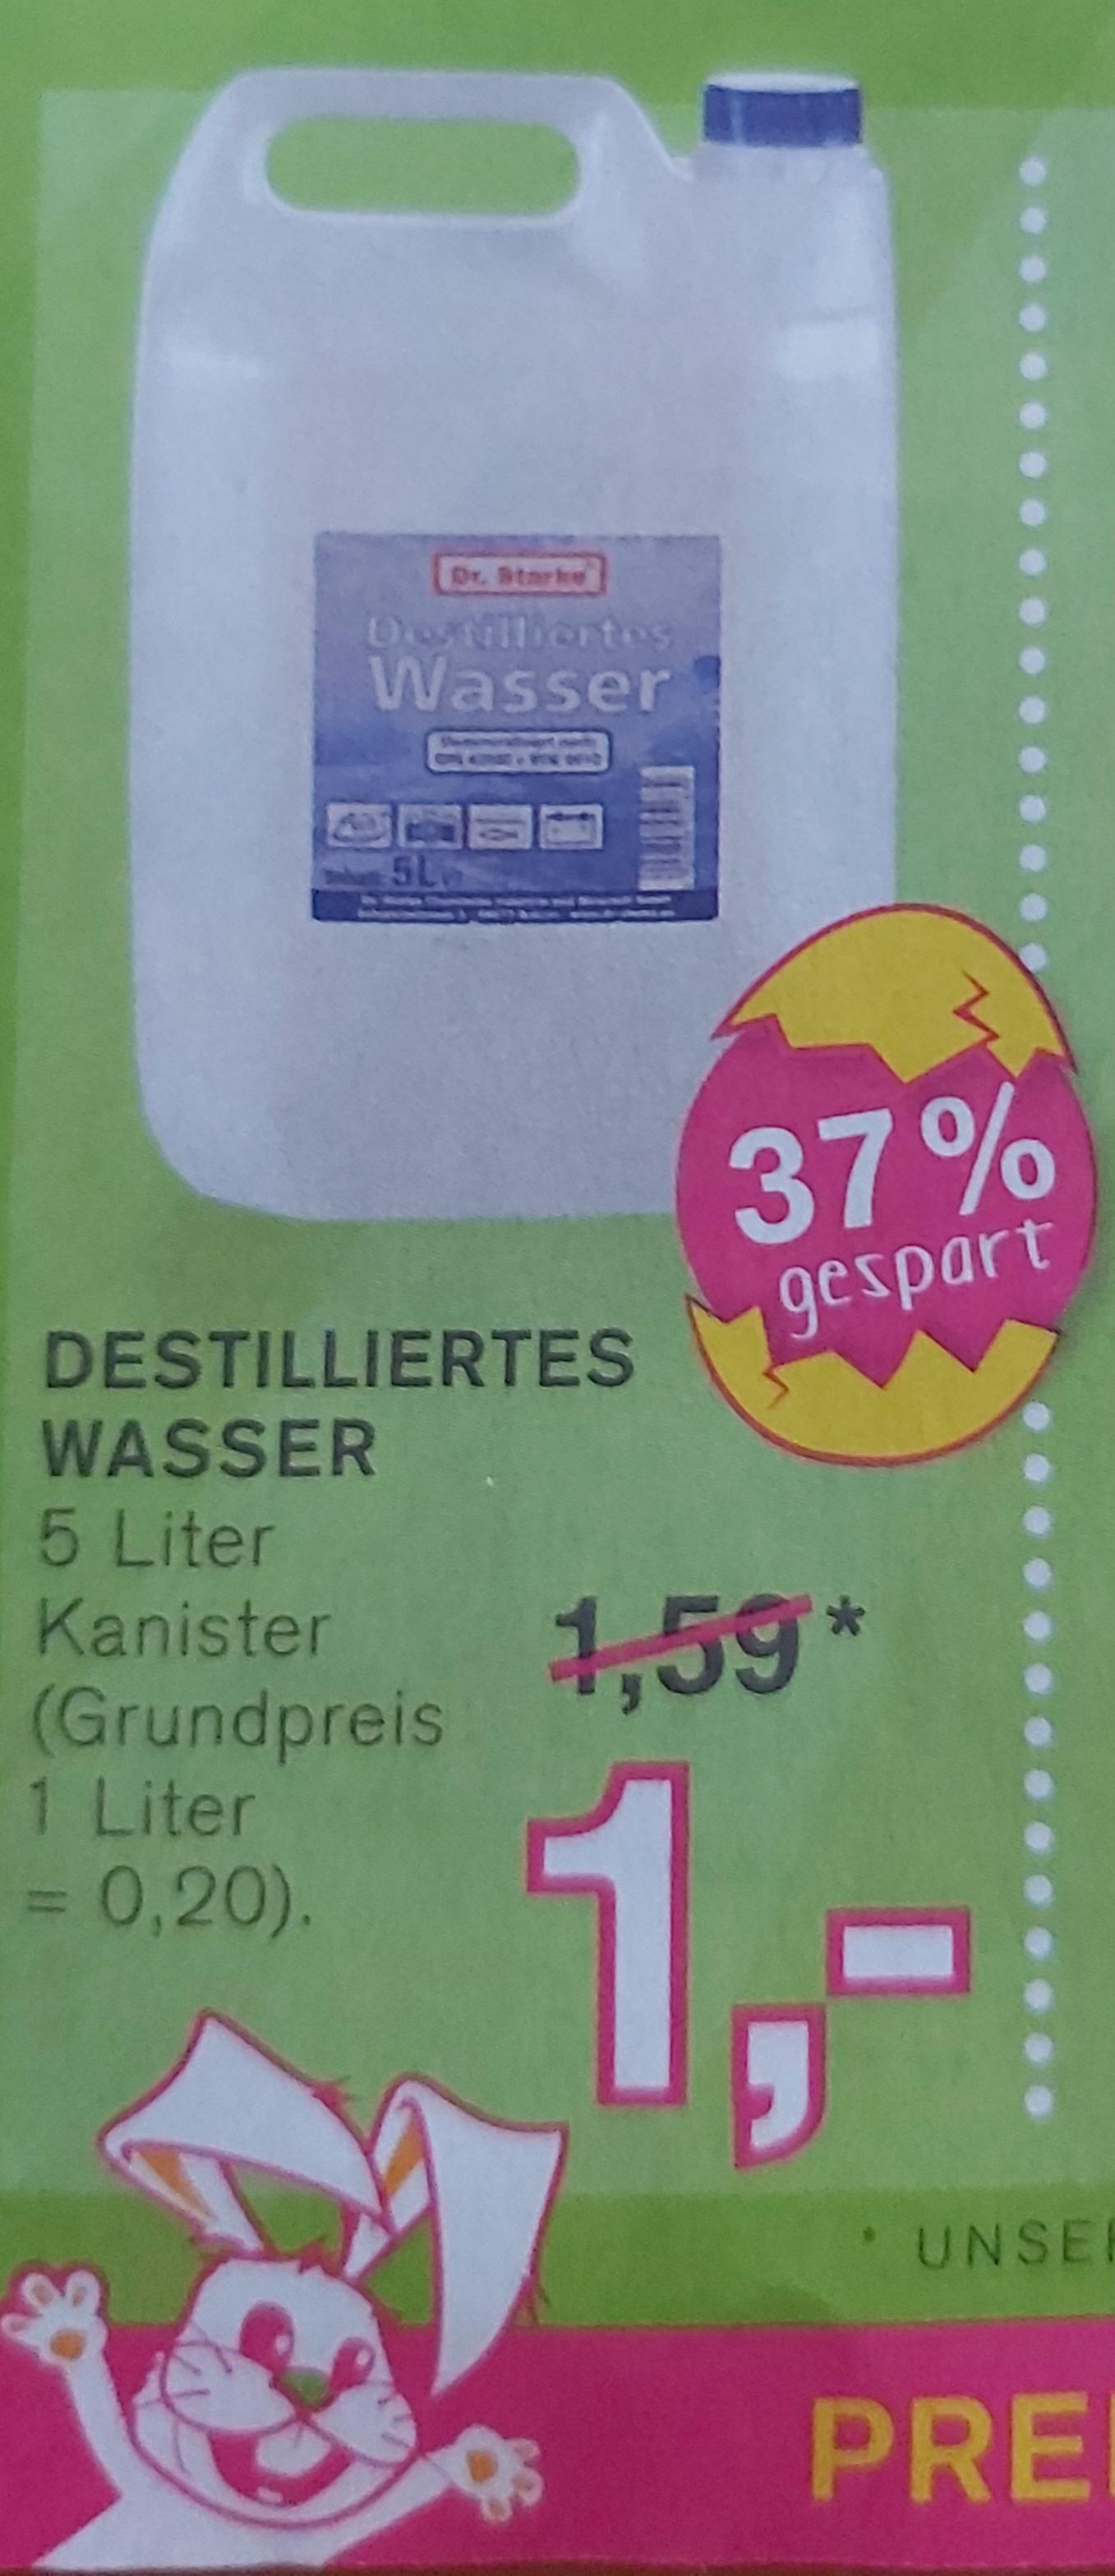 Destilliertes Wasser 5L für 1 Euro [ab 09.03. Kodi-Filiale]